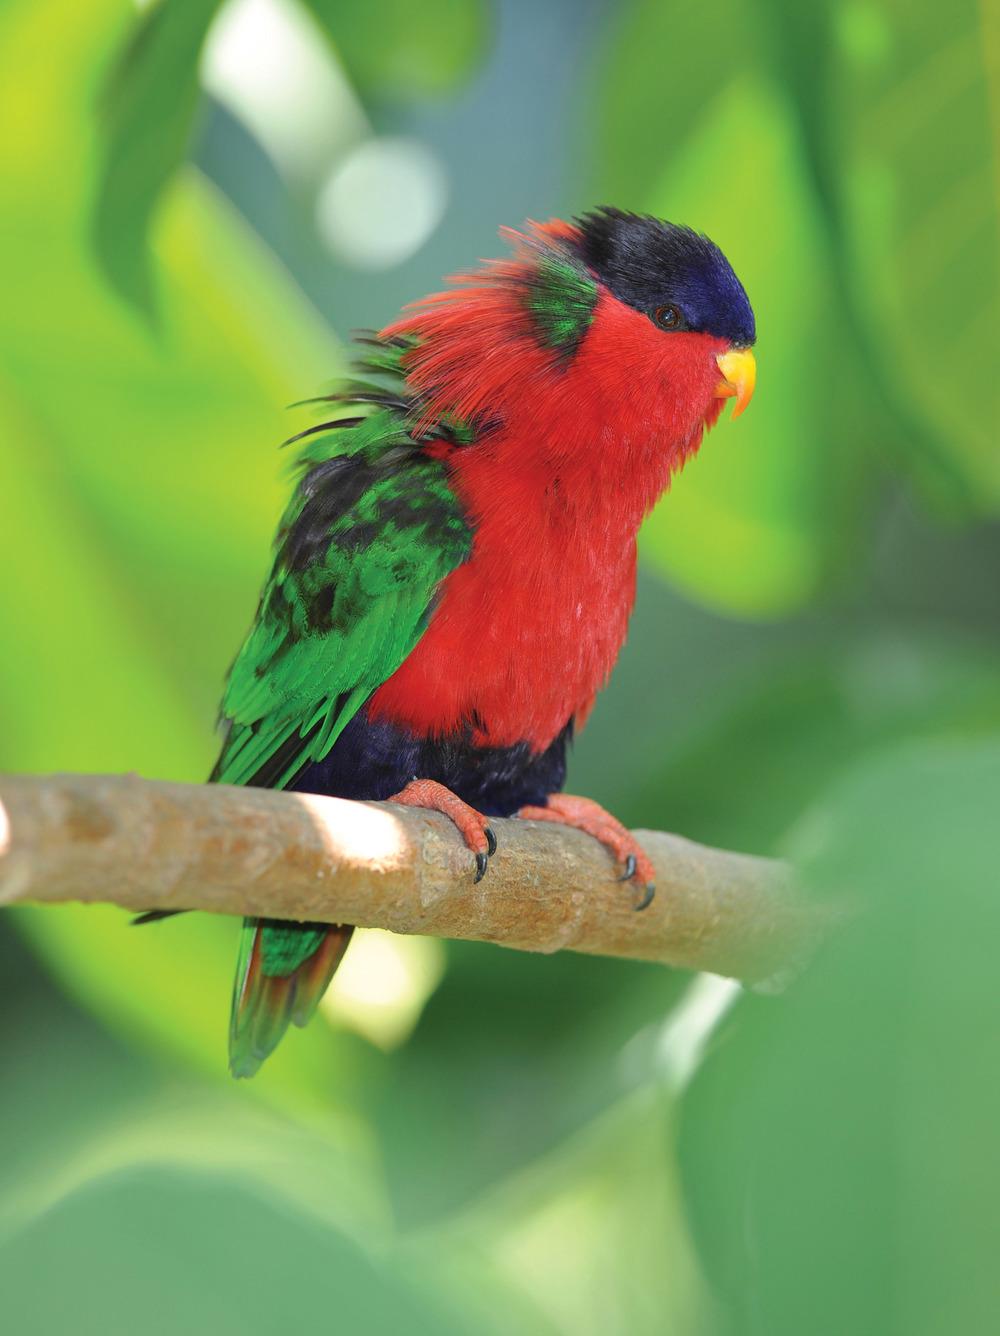 斐濟當地羽毛艷麗的庫拉鳥,屬於鸚鵡的一種。